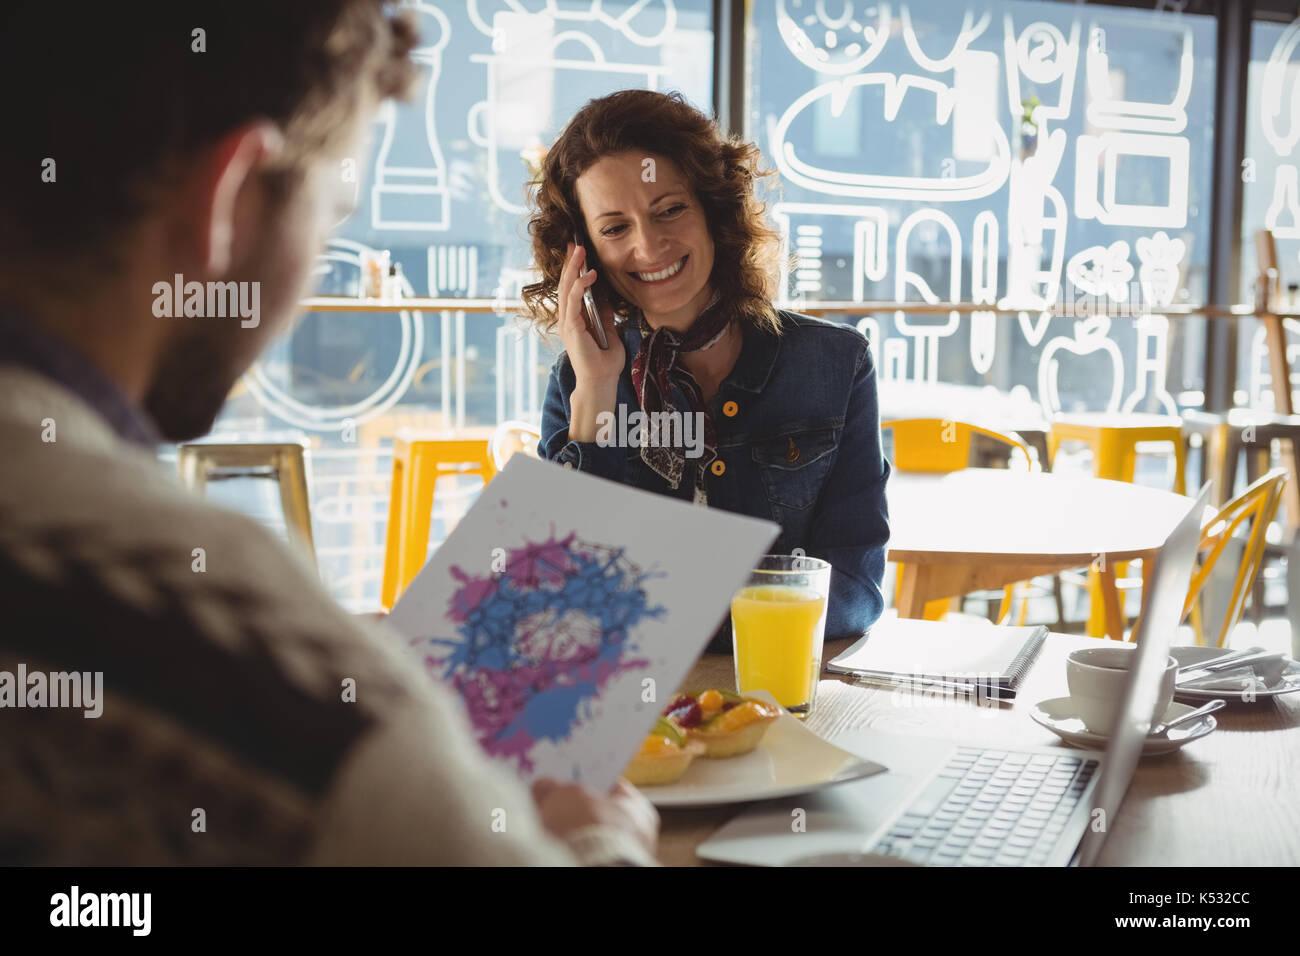 Uomo con la carta con dipinto dal giovane donna parlando al telefono in cafe Immagini Stock